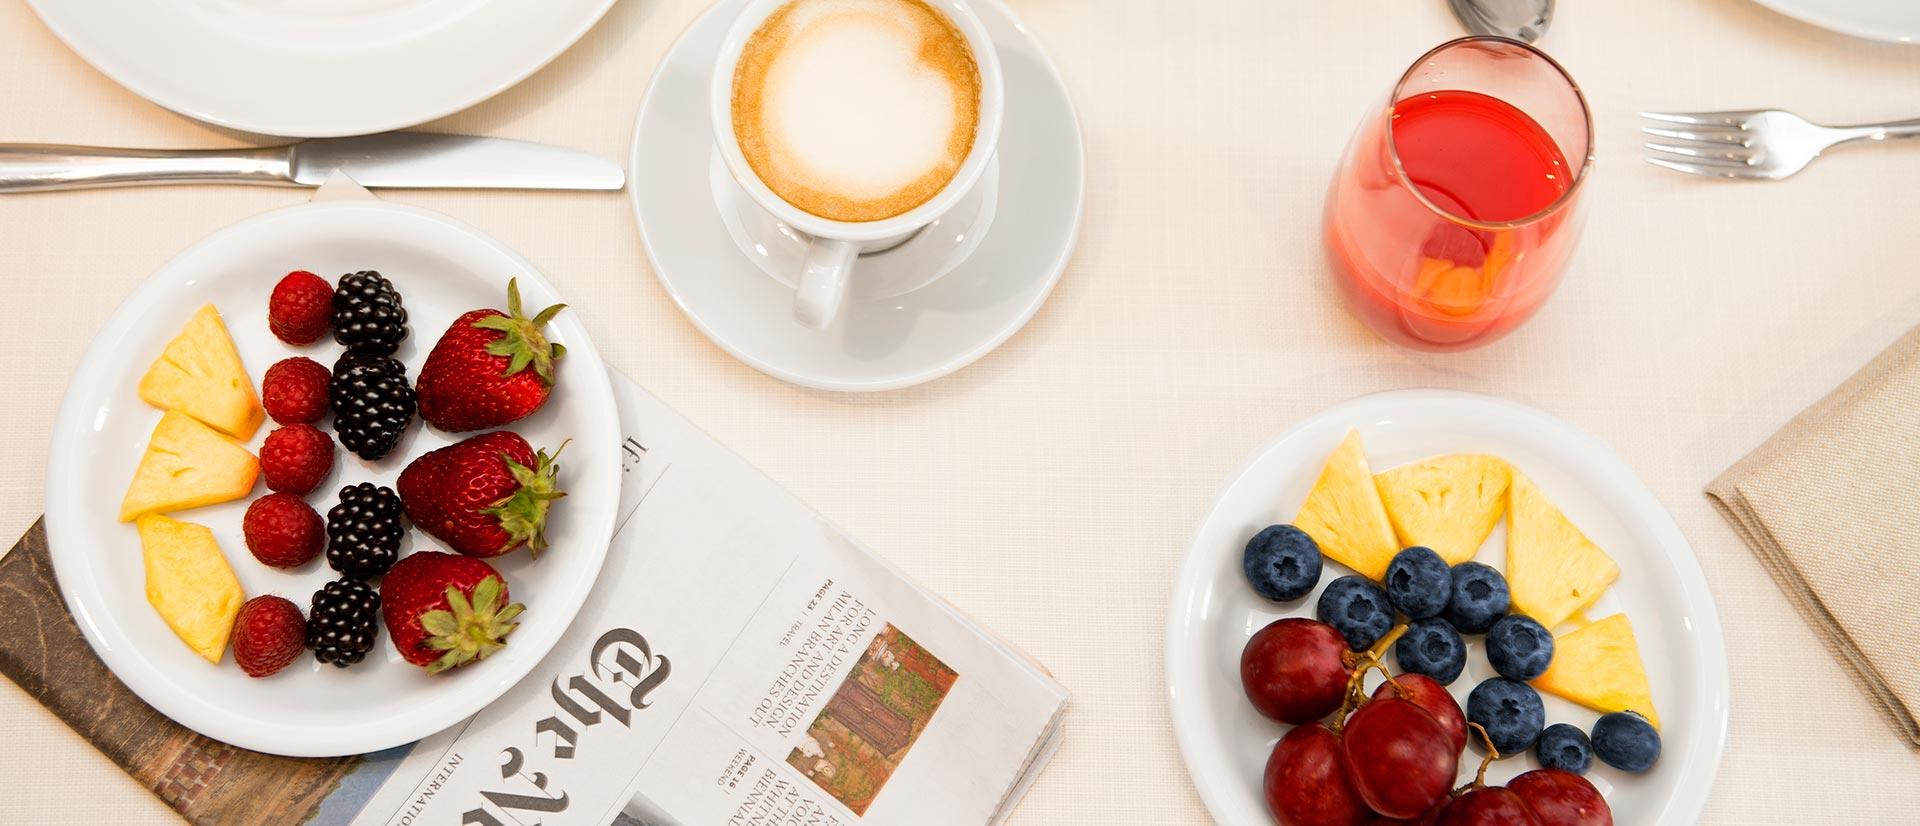 Breakfast Le Macine di Stigliano